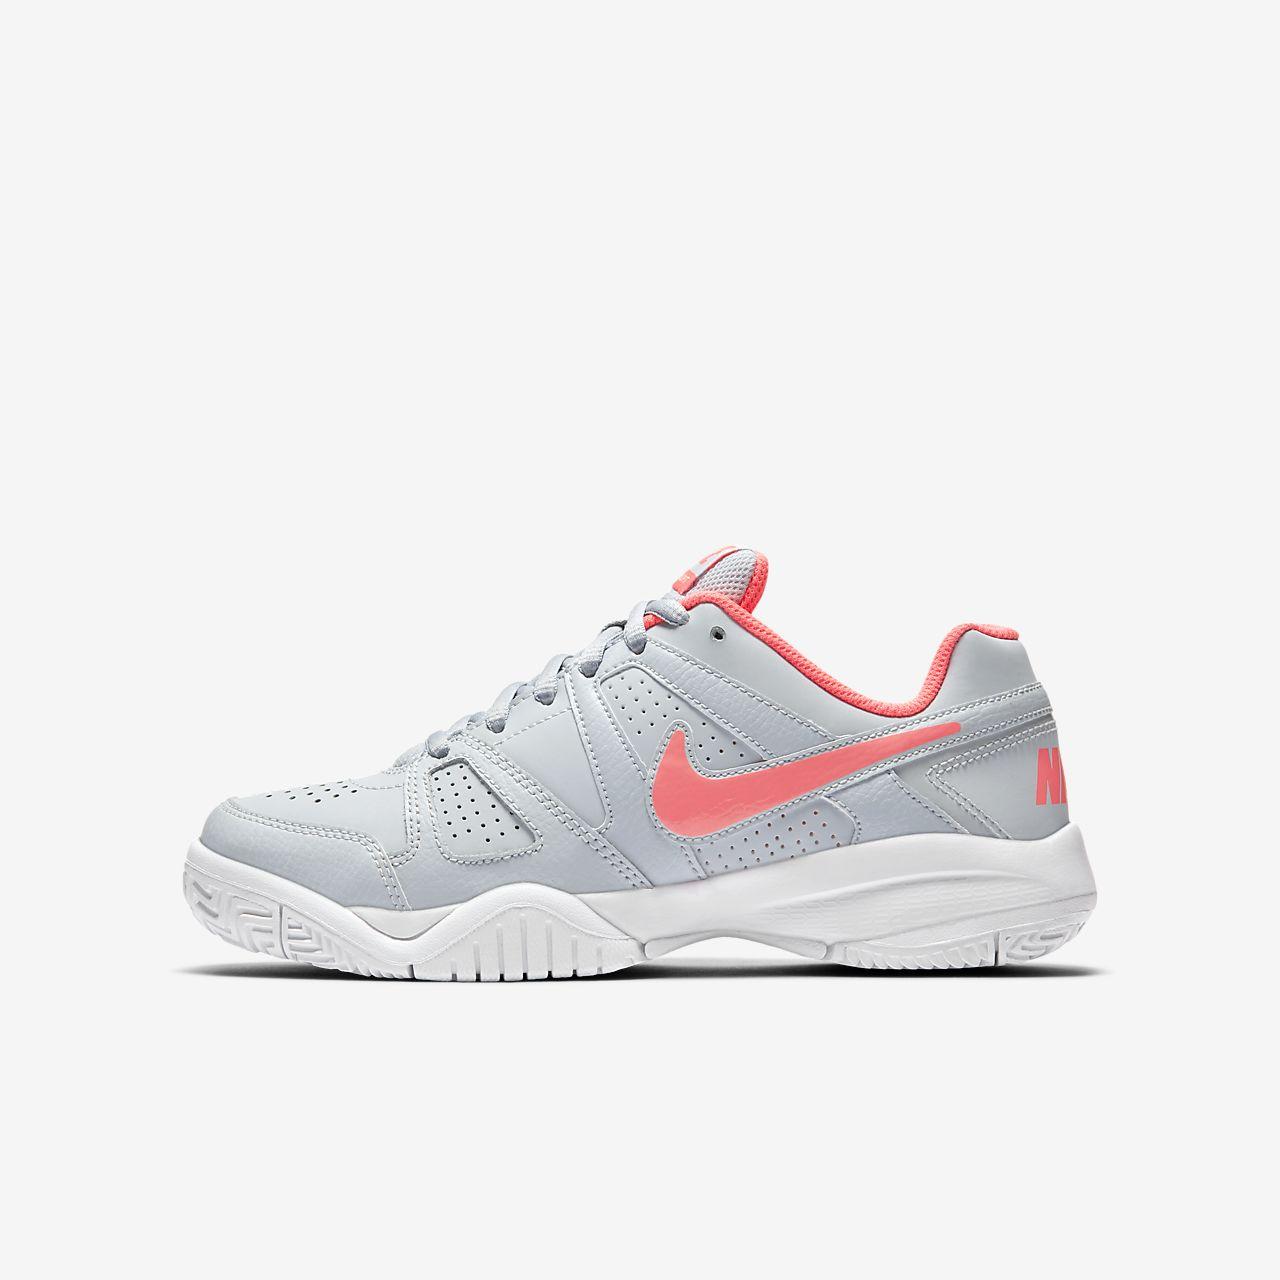 Tenisová bota NikeCourt City Court 7 pro větší děti